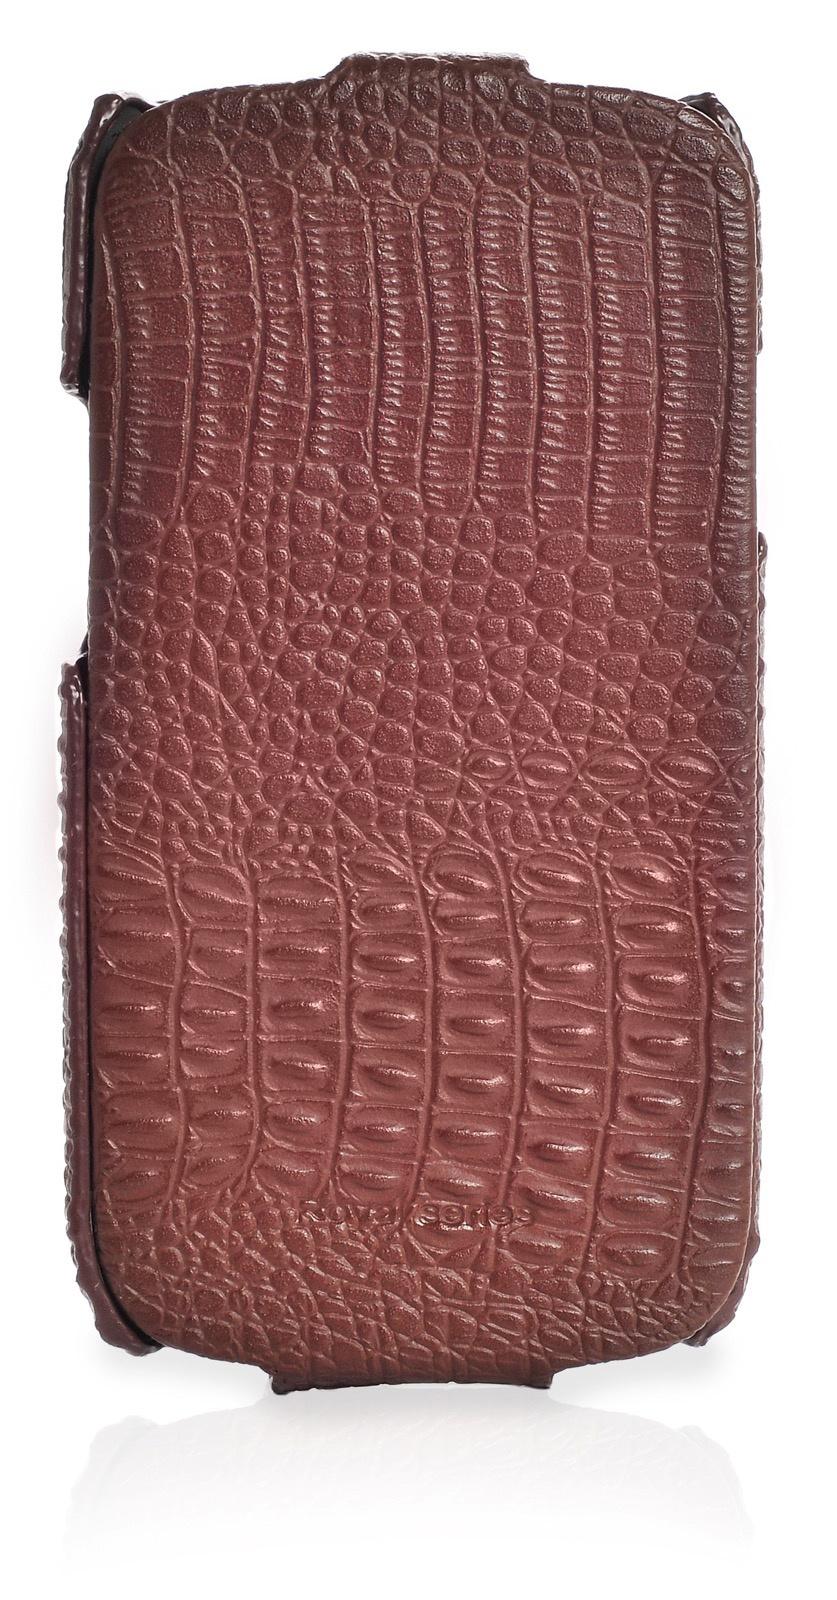 Чехол книжка HOCO кожа крокодил для Samsung Galaxy S3,450073, коричневый